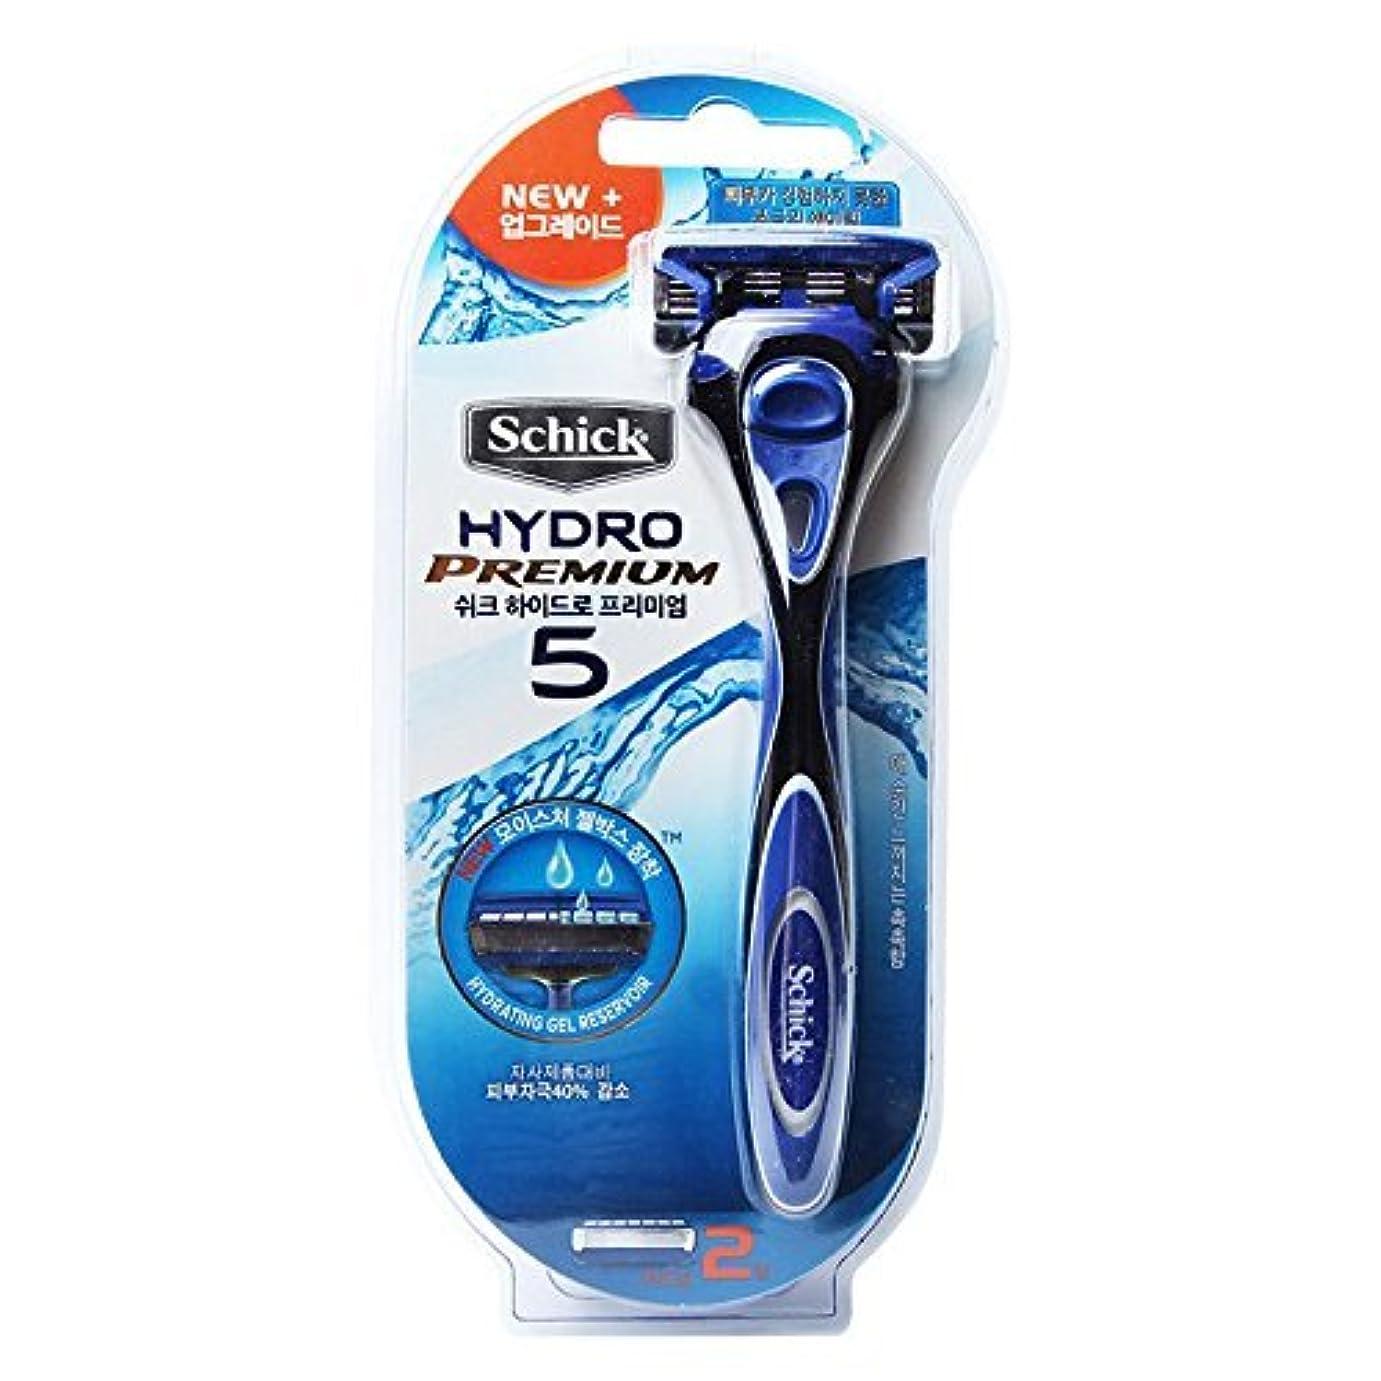 記念碑謙虚なSchick Hydro 5 Premium トリマーで男性と2カミソリ詰め替え用カミソリ [並行輸入品]